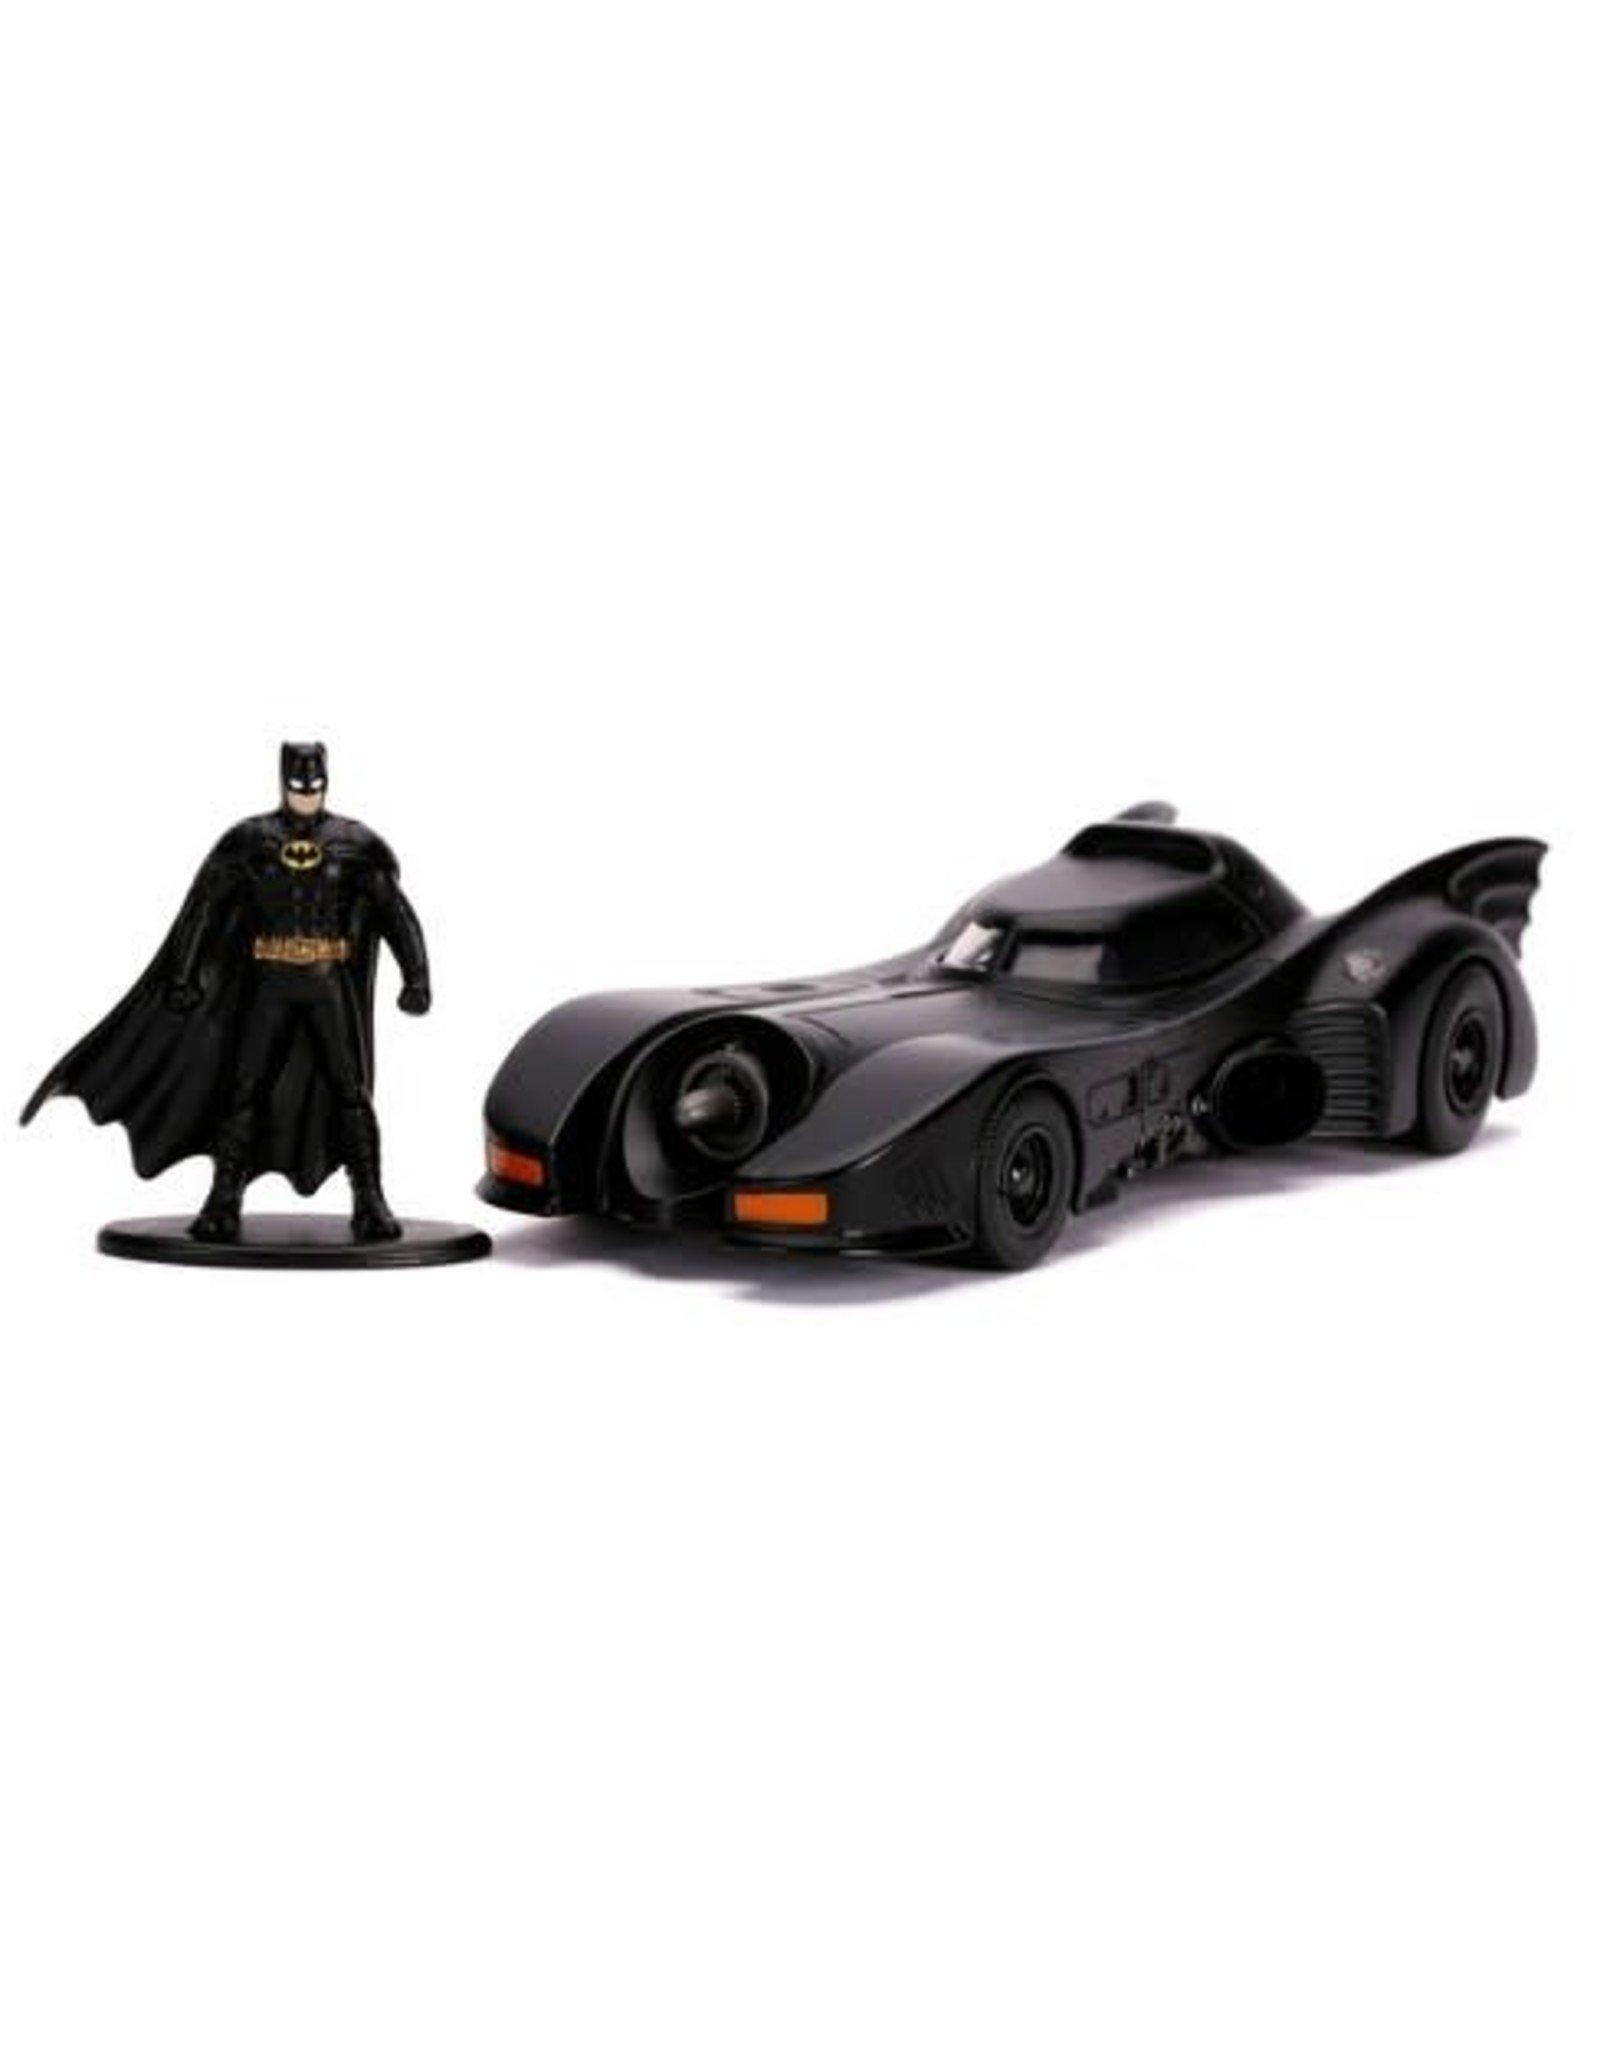 Jada 1989 Batmobile met Batman